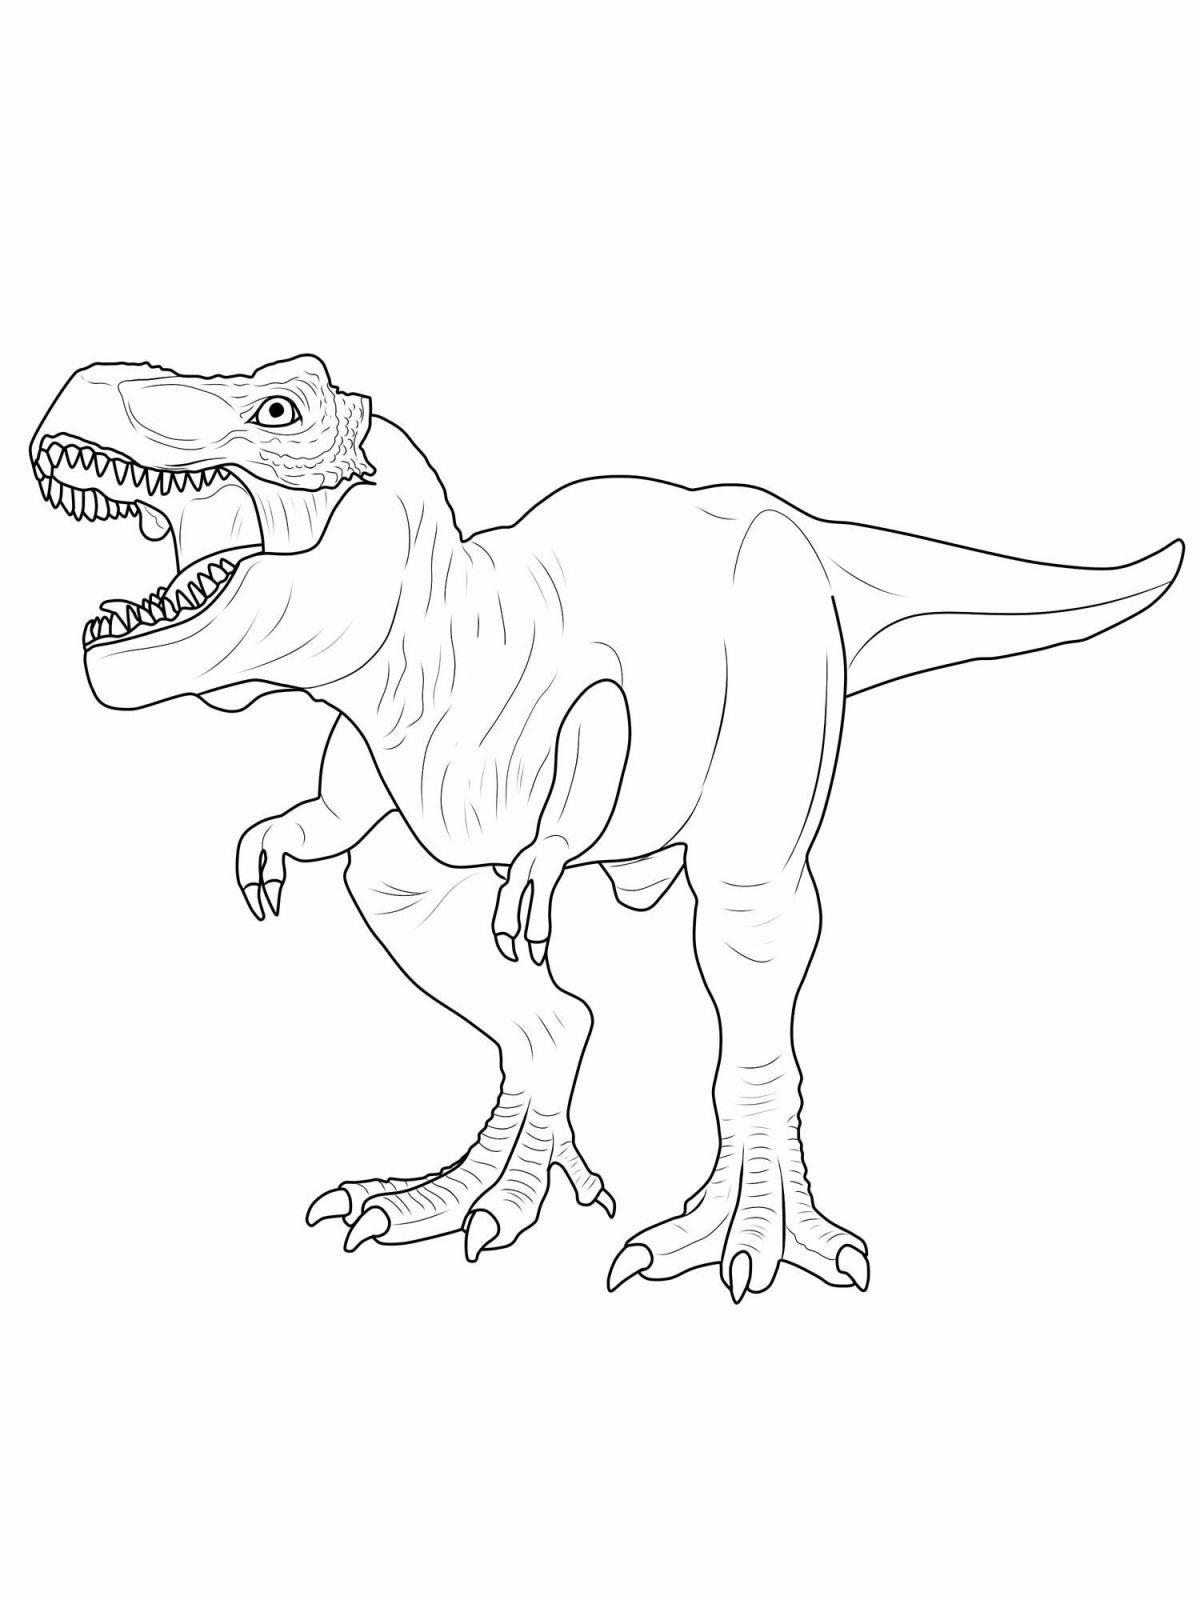 Arlo Und Spot Ausmalbilder Das Beste Von Ausmalbilder Arlo Und Spot Einzigartig Coloriage Dinosaure T Rex Bild